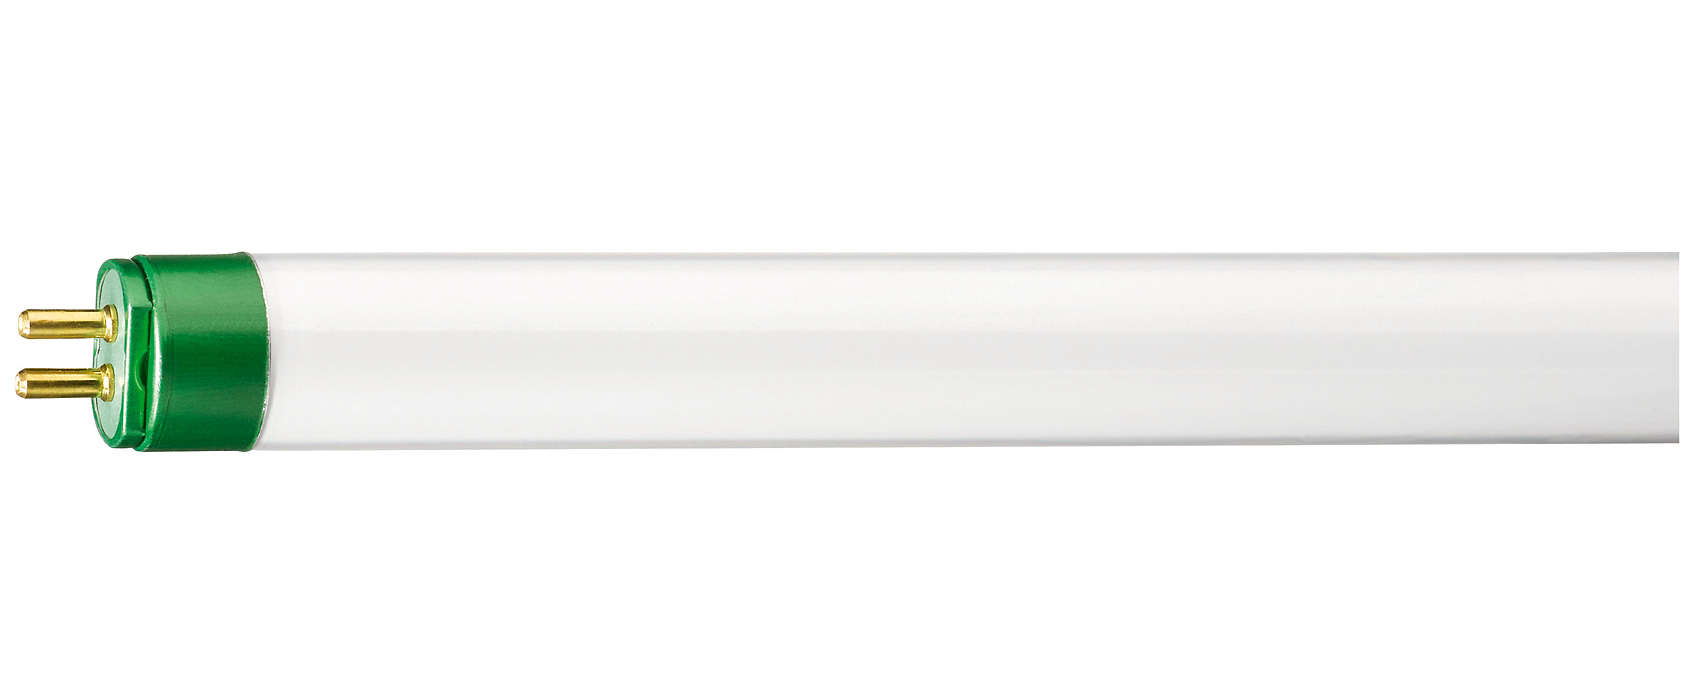 Meget effektivt lysstofrør